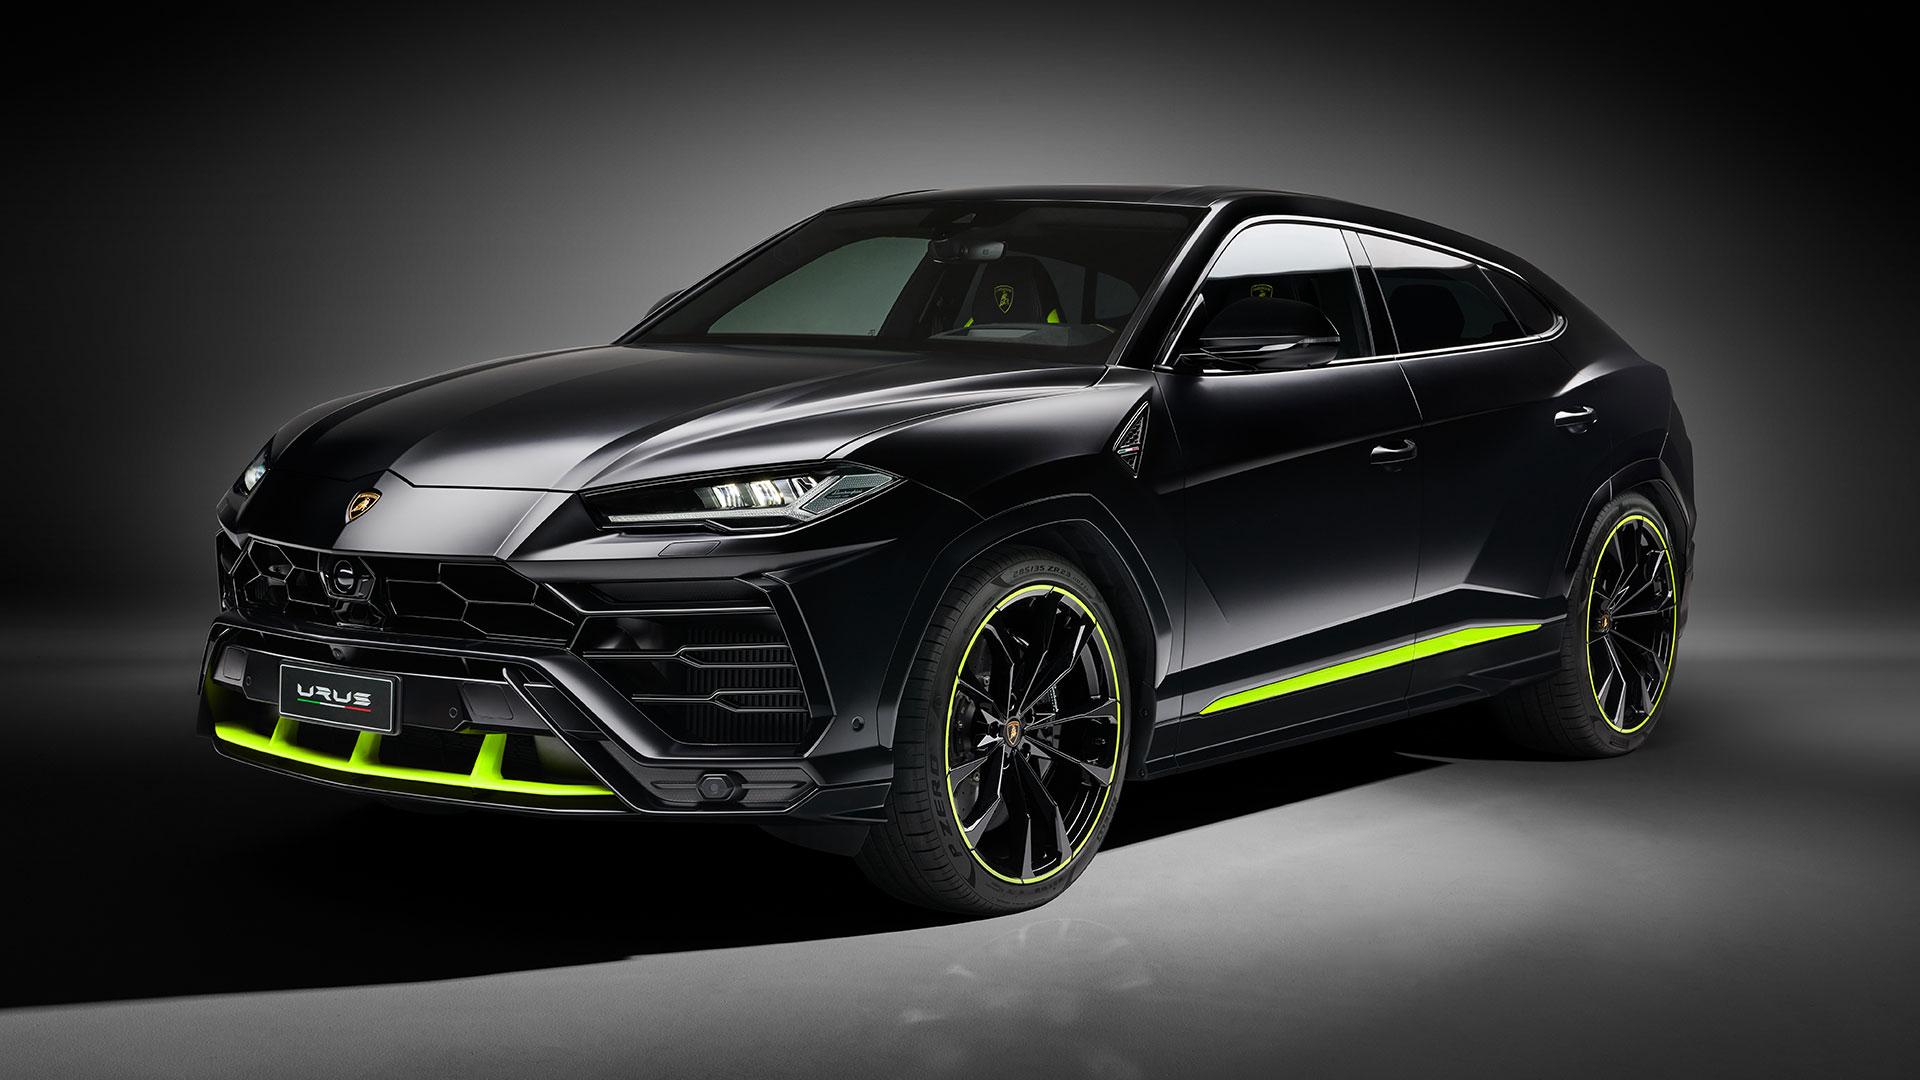 2020 Lamborghini Urus Graphite Capsule Specs Price Features